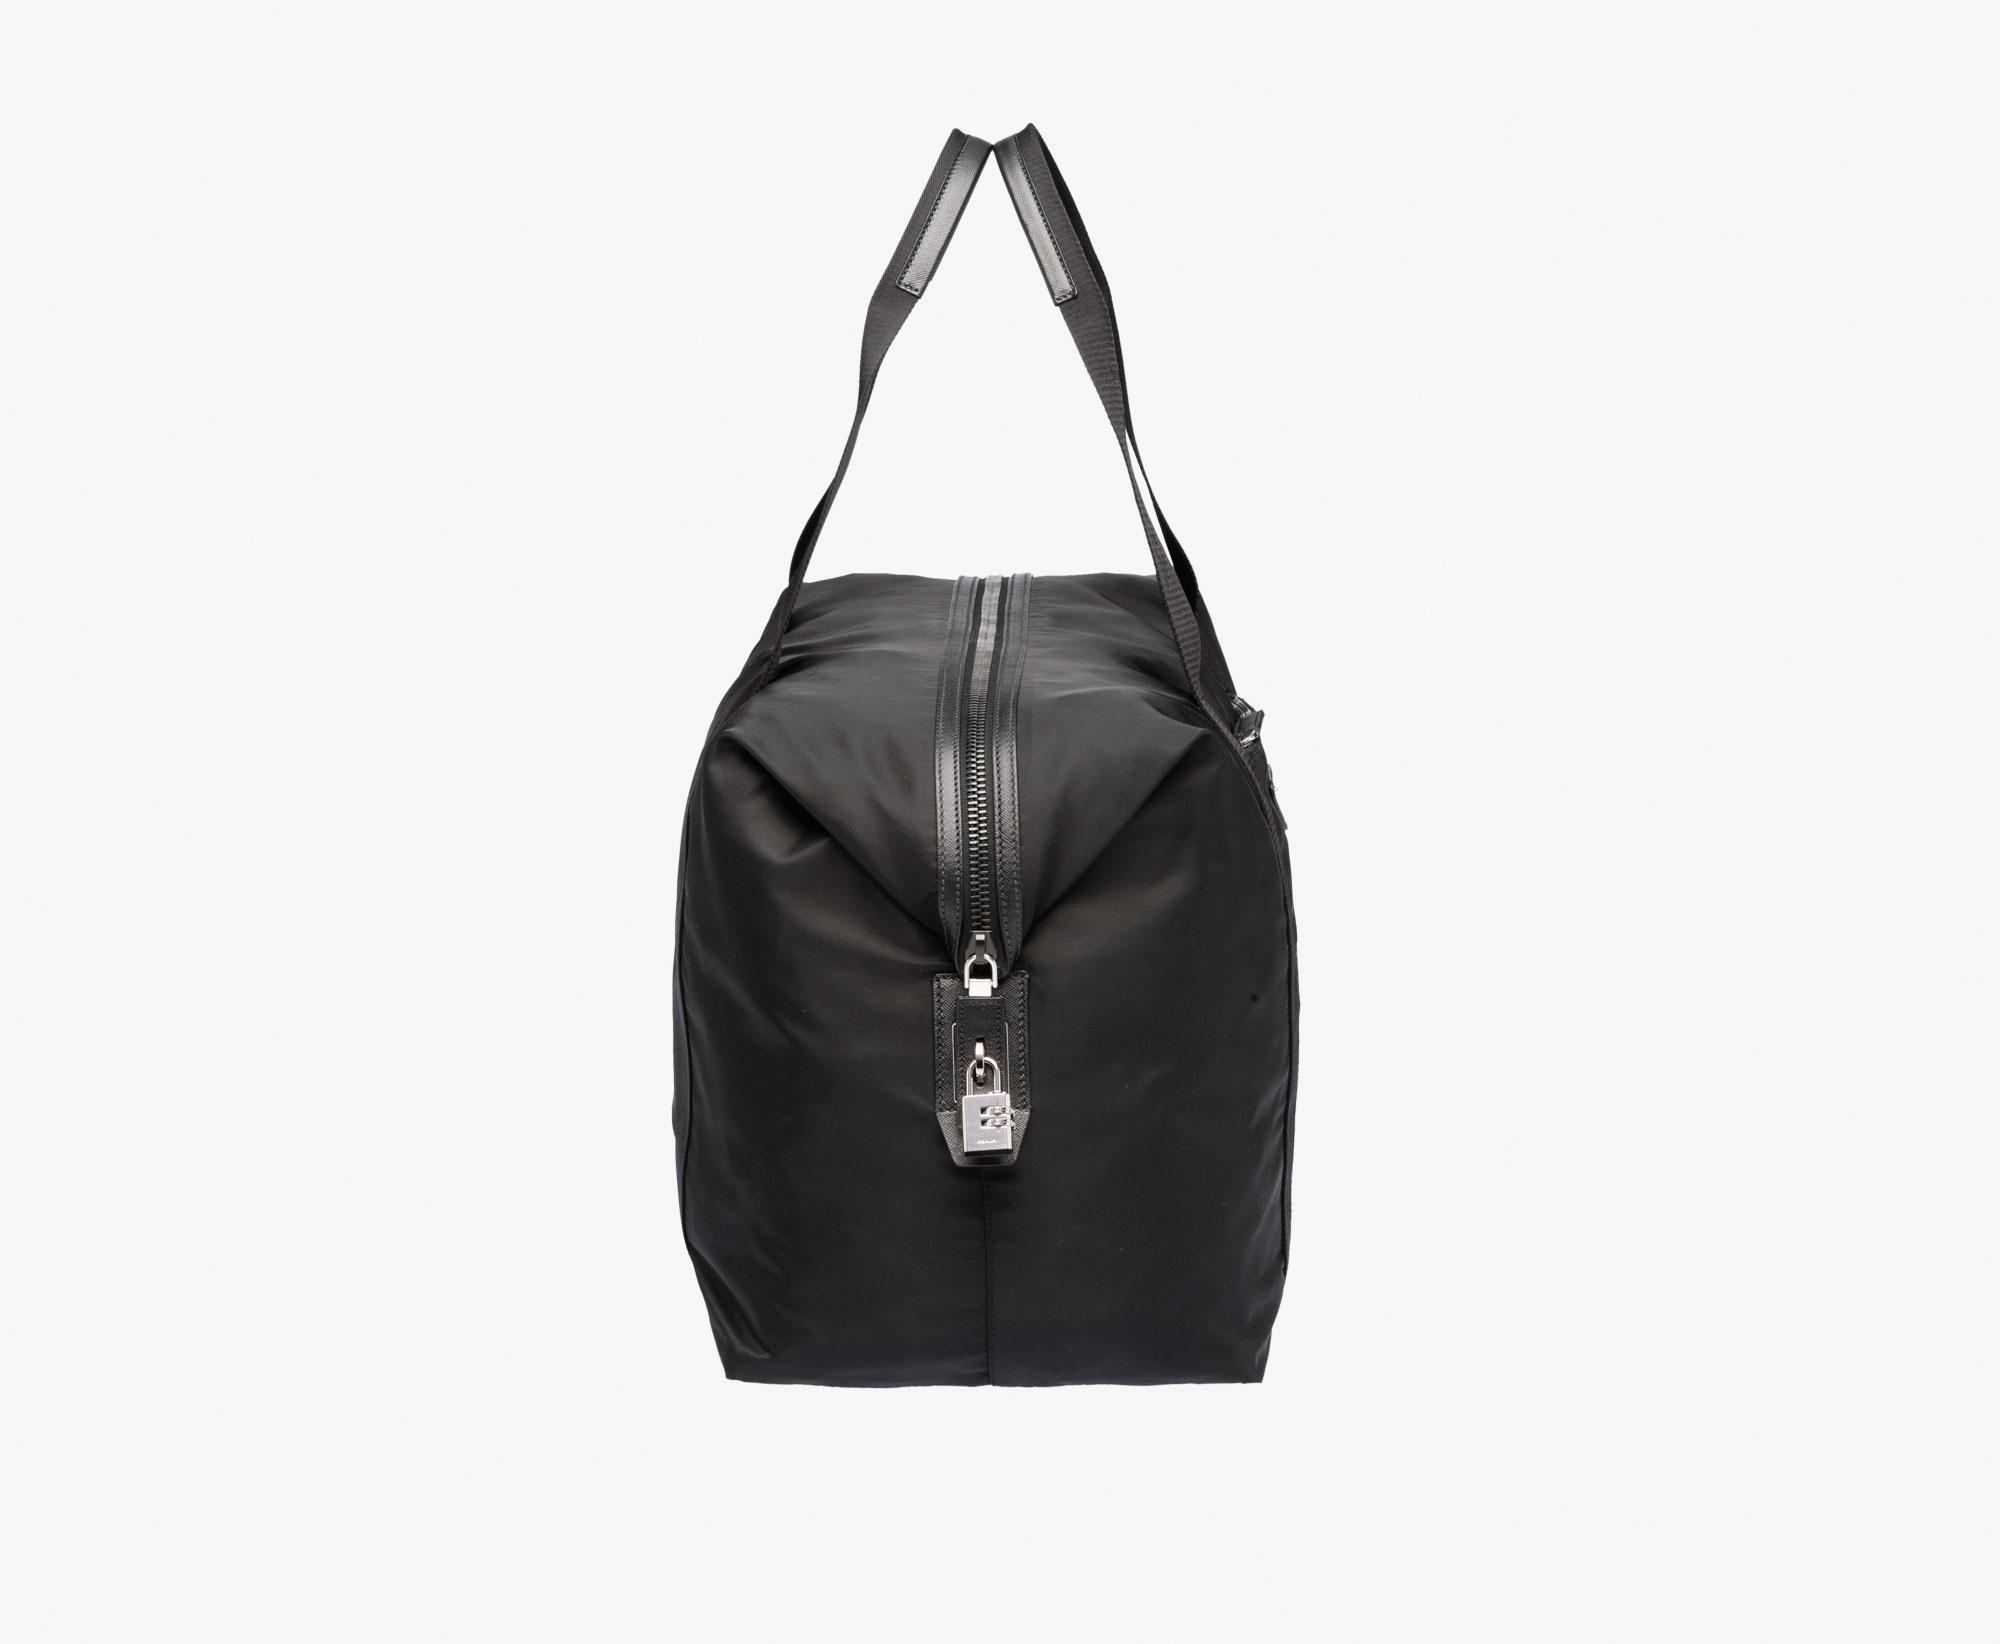 Buy Prada Weekender Luggage Bag Black [2VC796 064 F0002 V OOO ... - prada weekender black